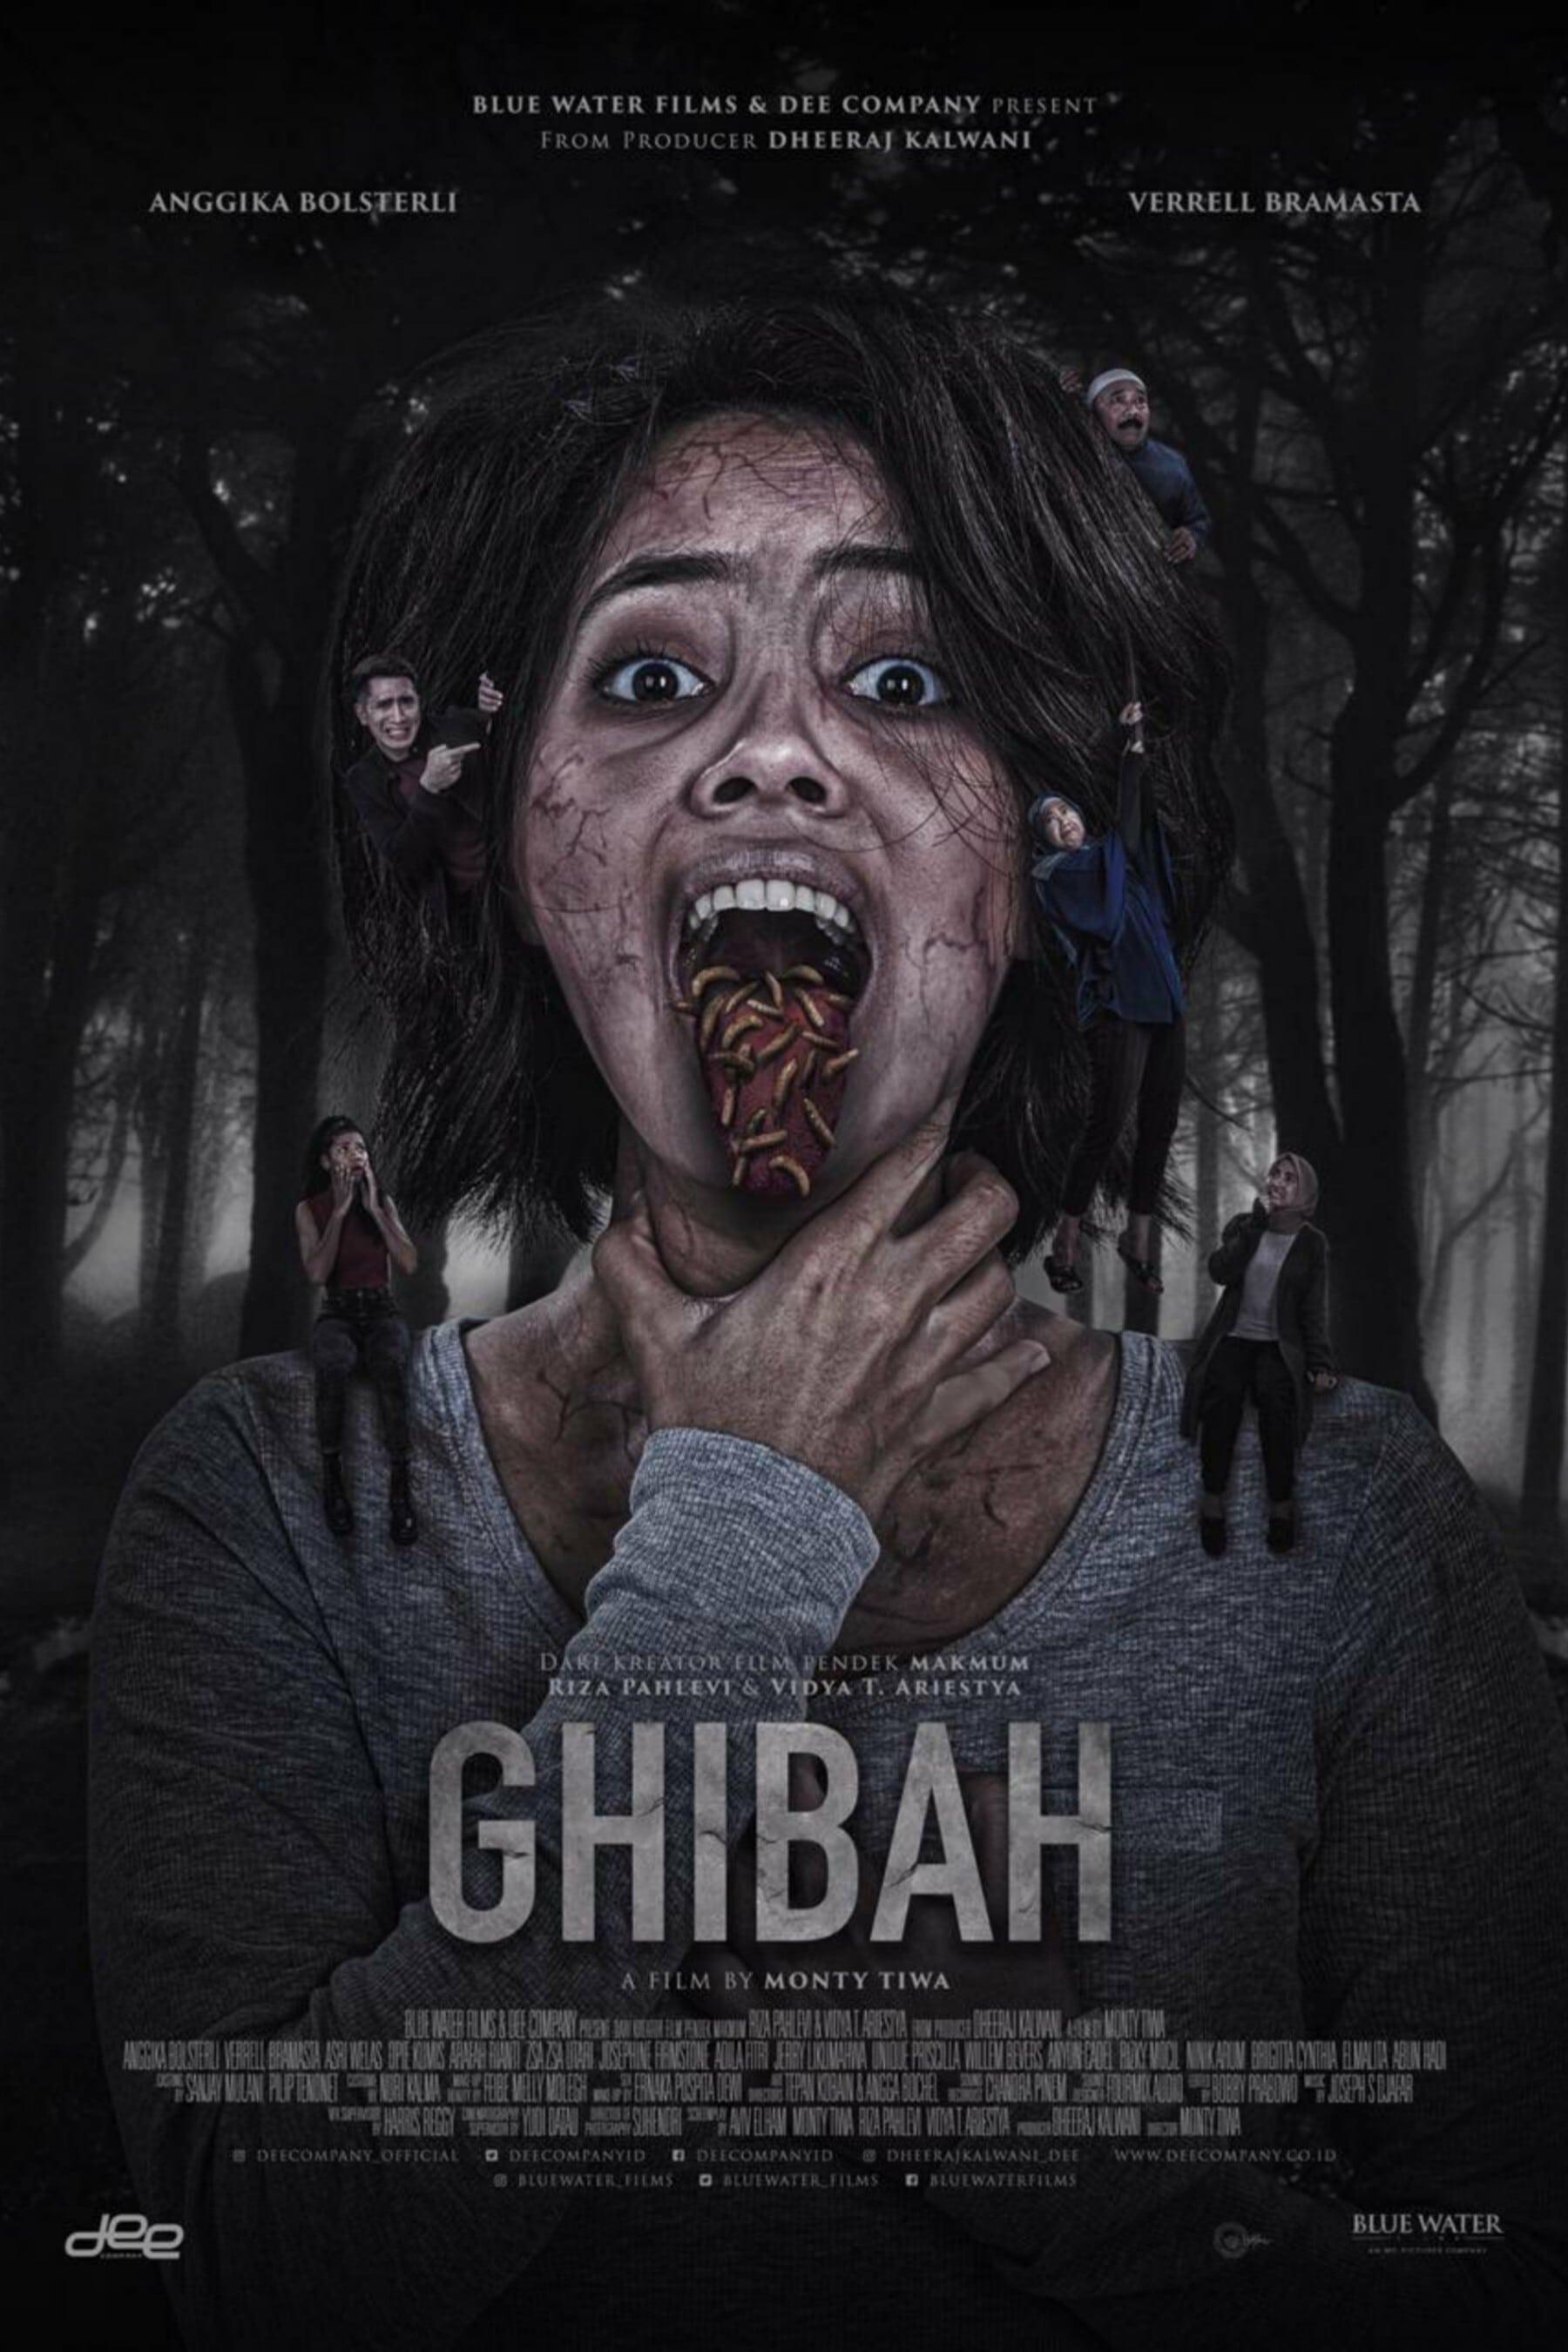 Ghibah